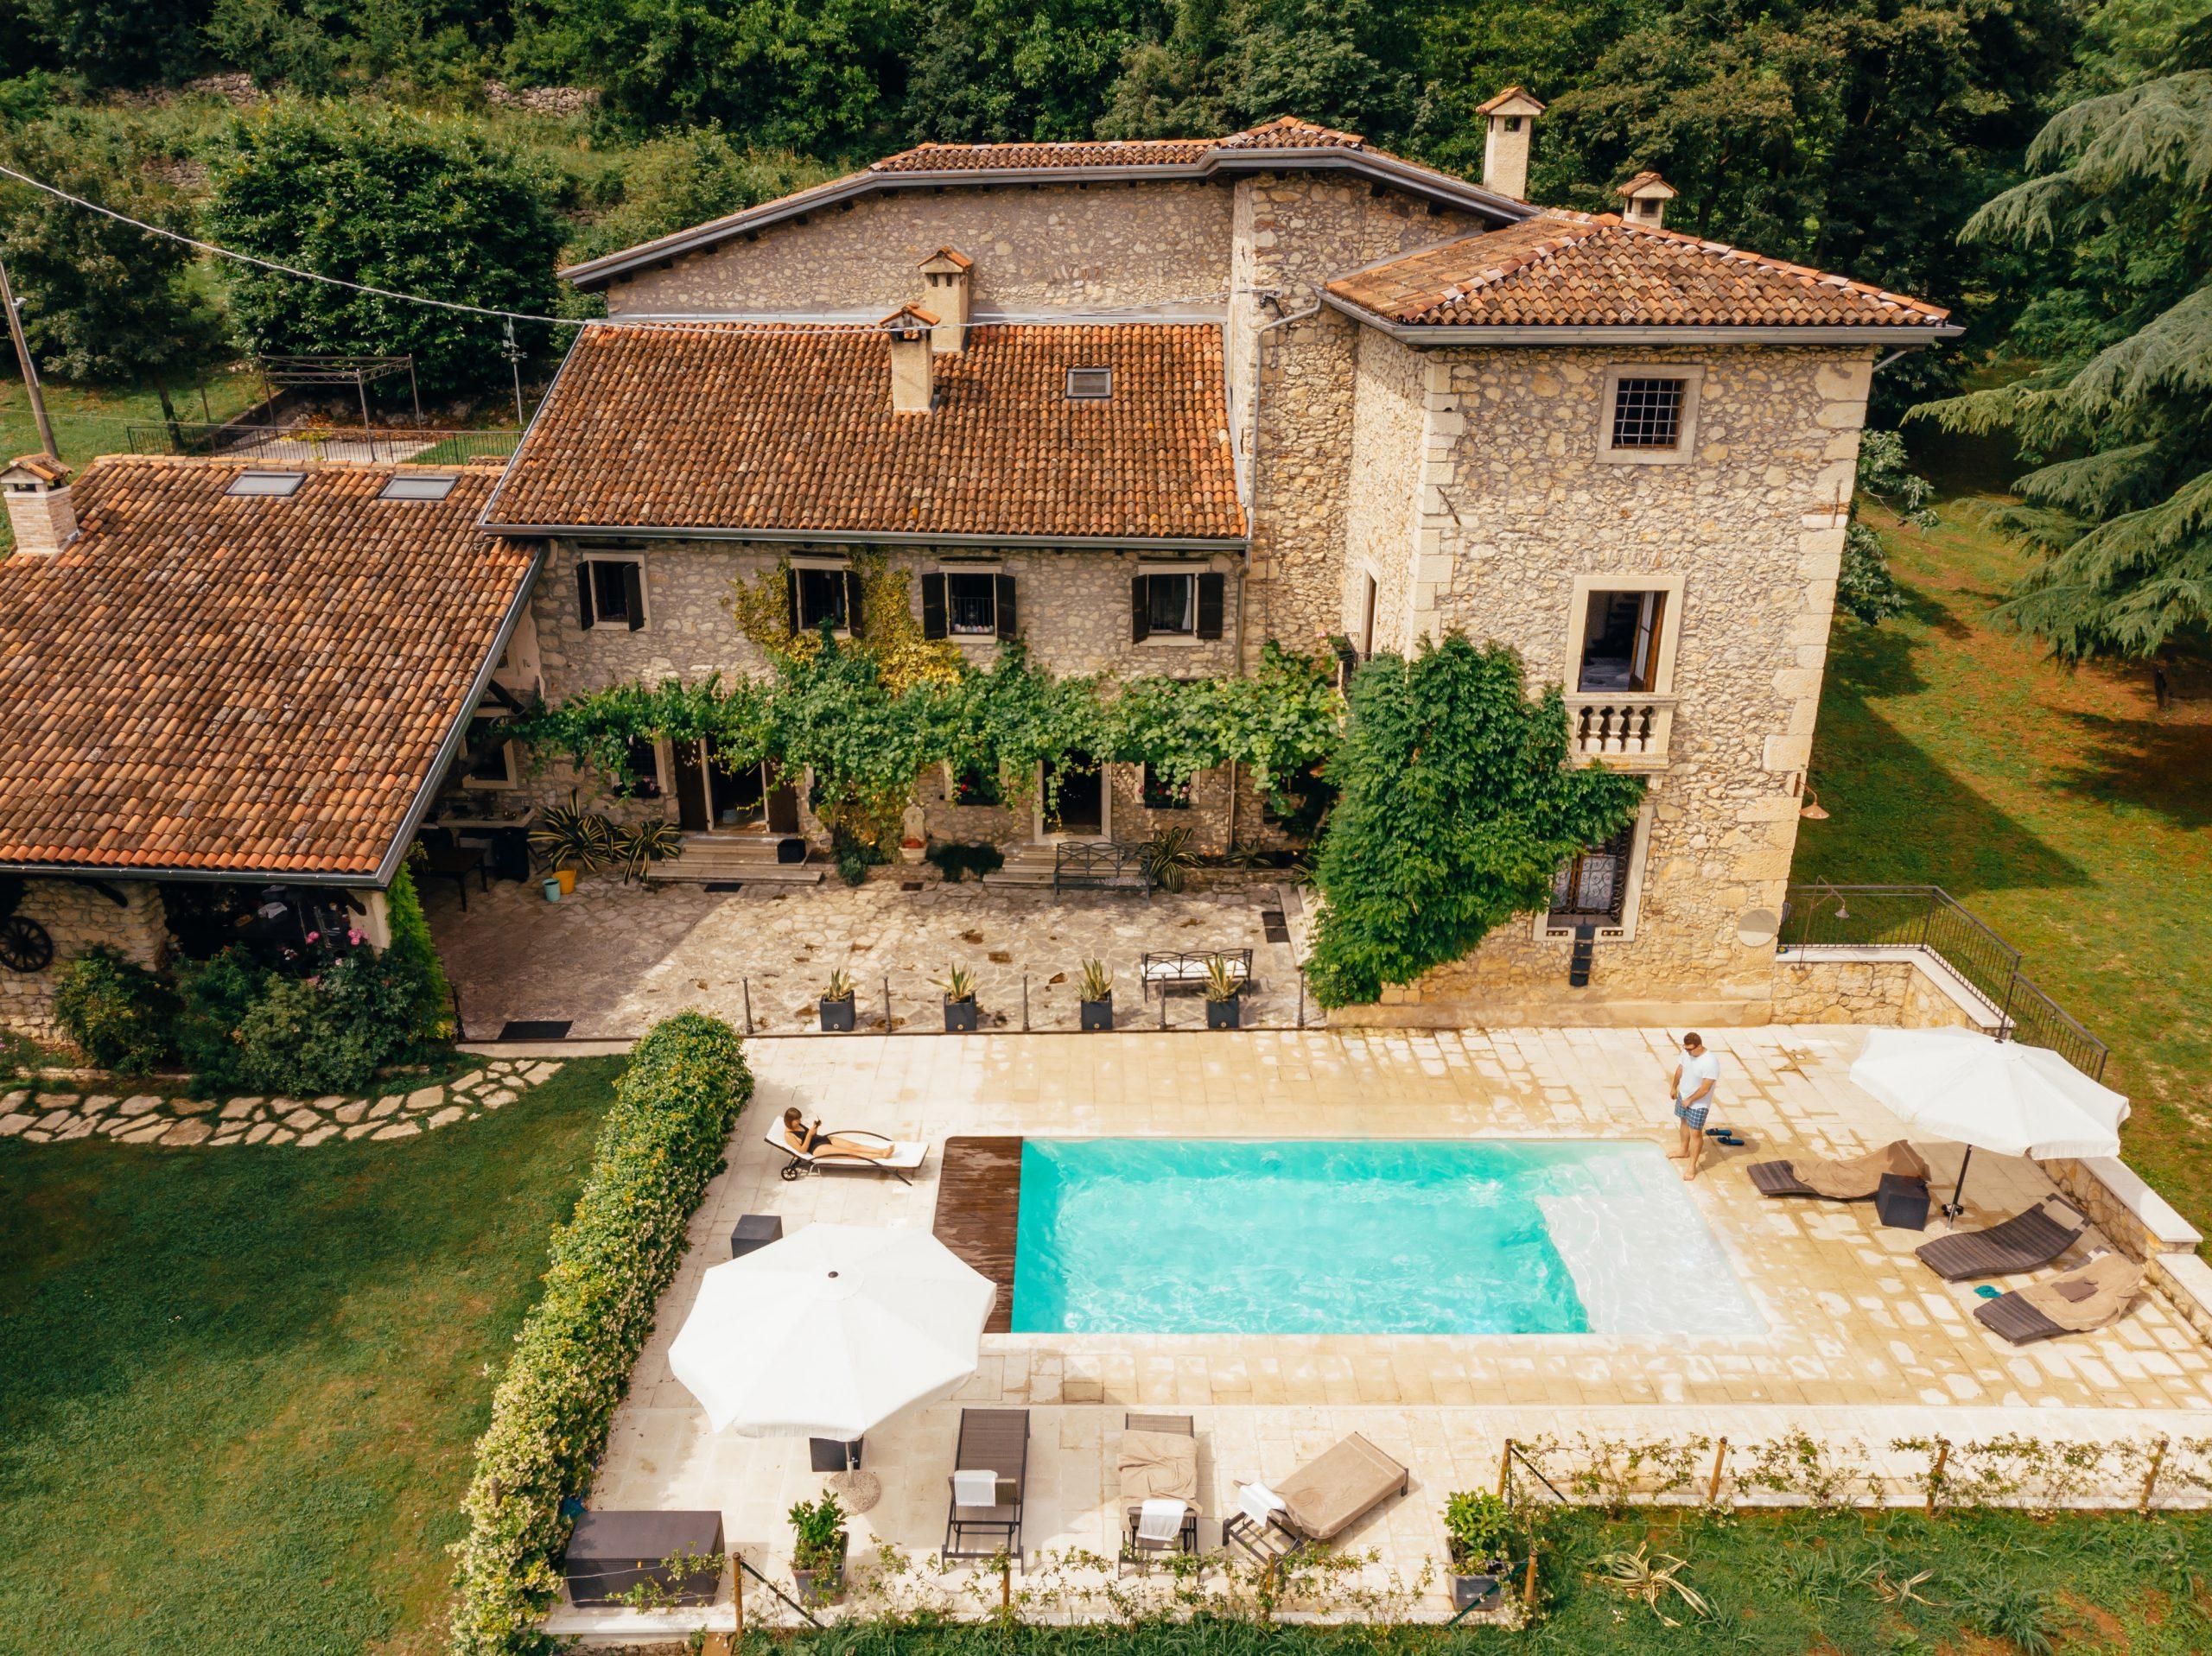 Idyllia-gestione-case-vacanze-affitti-brevi-magazine-casale-lusso-in-affitto-lazio-umbria